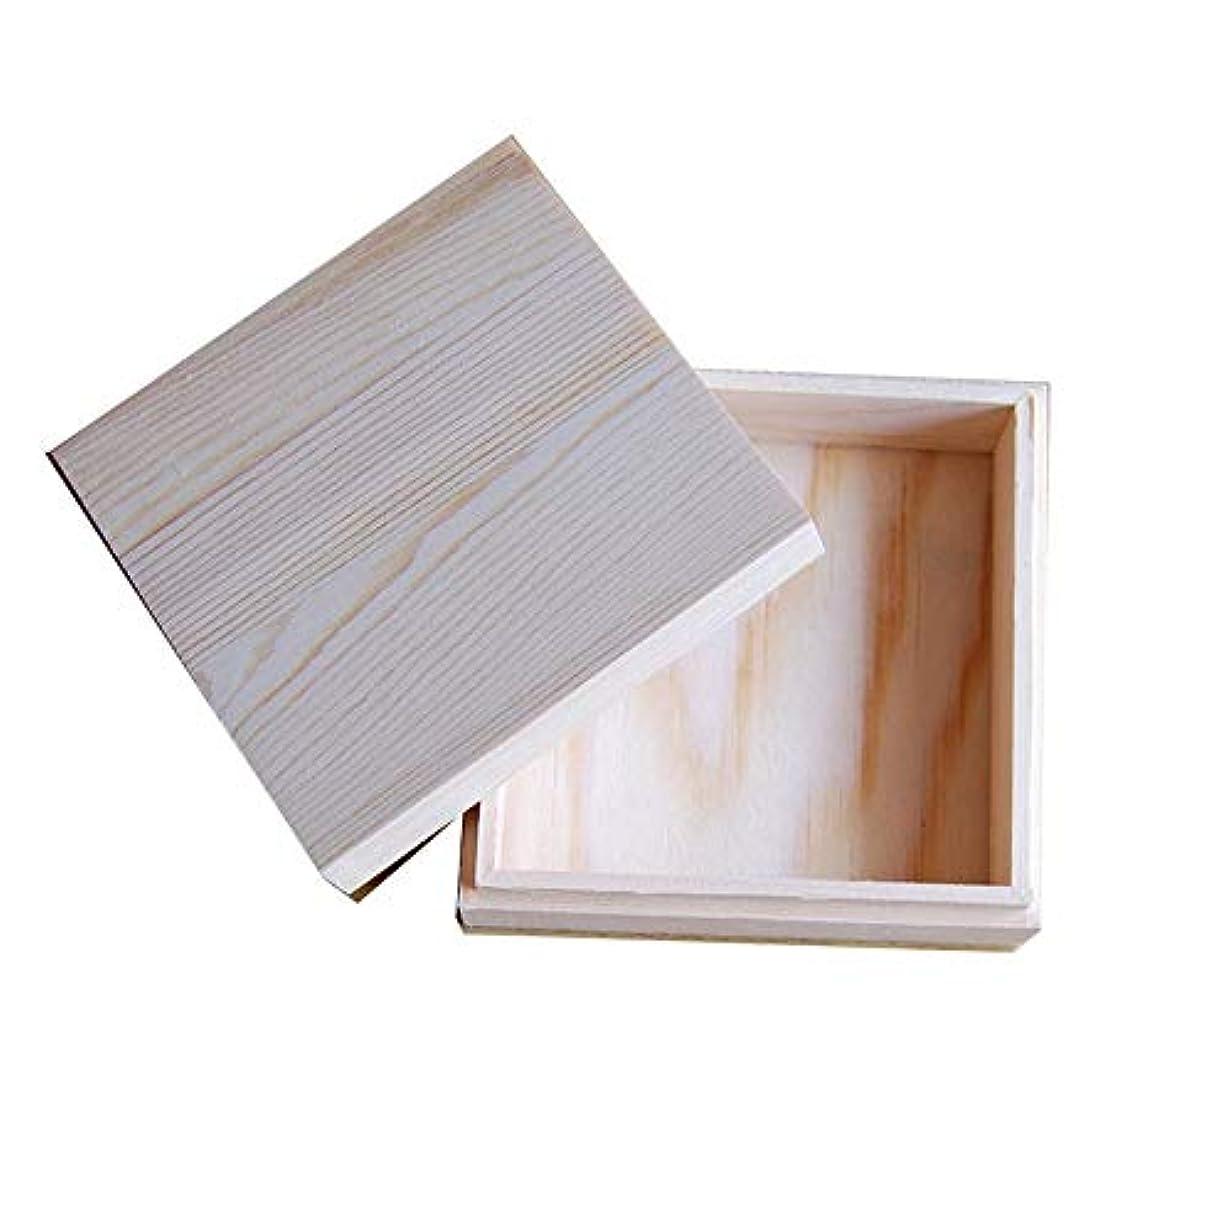 入手します流体約束するエッセンシャルオイルストレージボックス 木製のエッセンシャルオイルストレージボックス安全に油を維持するためのベスト 旅行およびプレゼンテーション用 (色 : Natural, サイズ : 11.5X11.5X5CM)